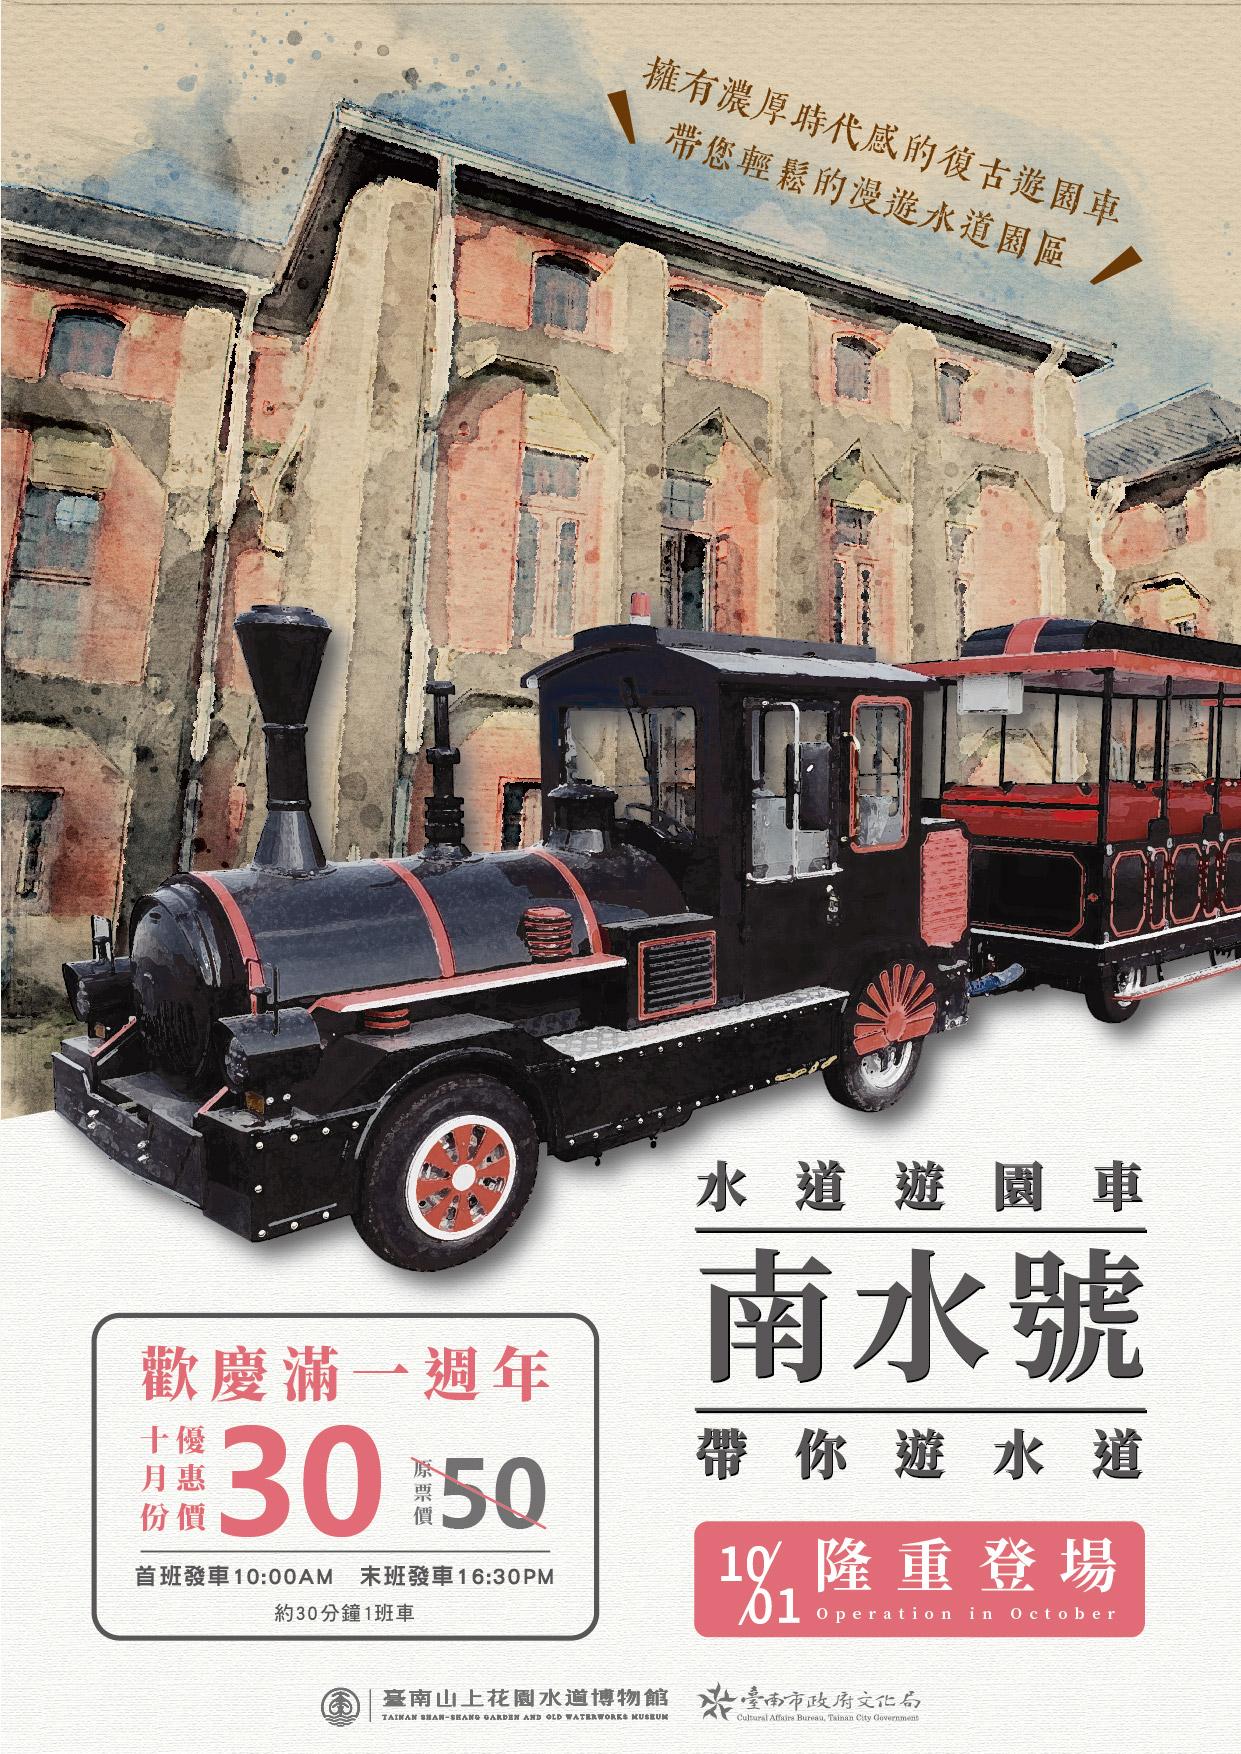 歡迎搭乘「南水號」水道博物館電動遊園...